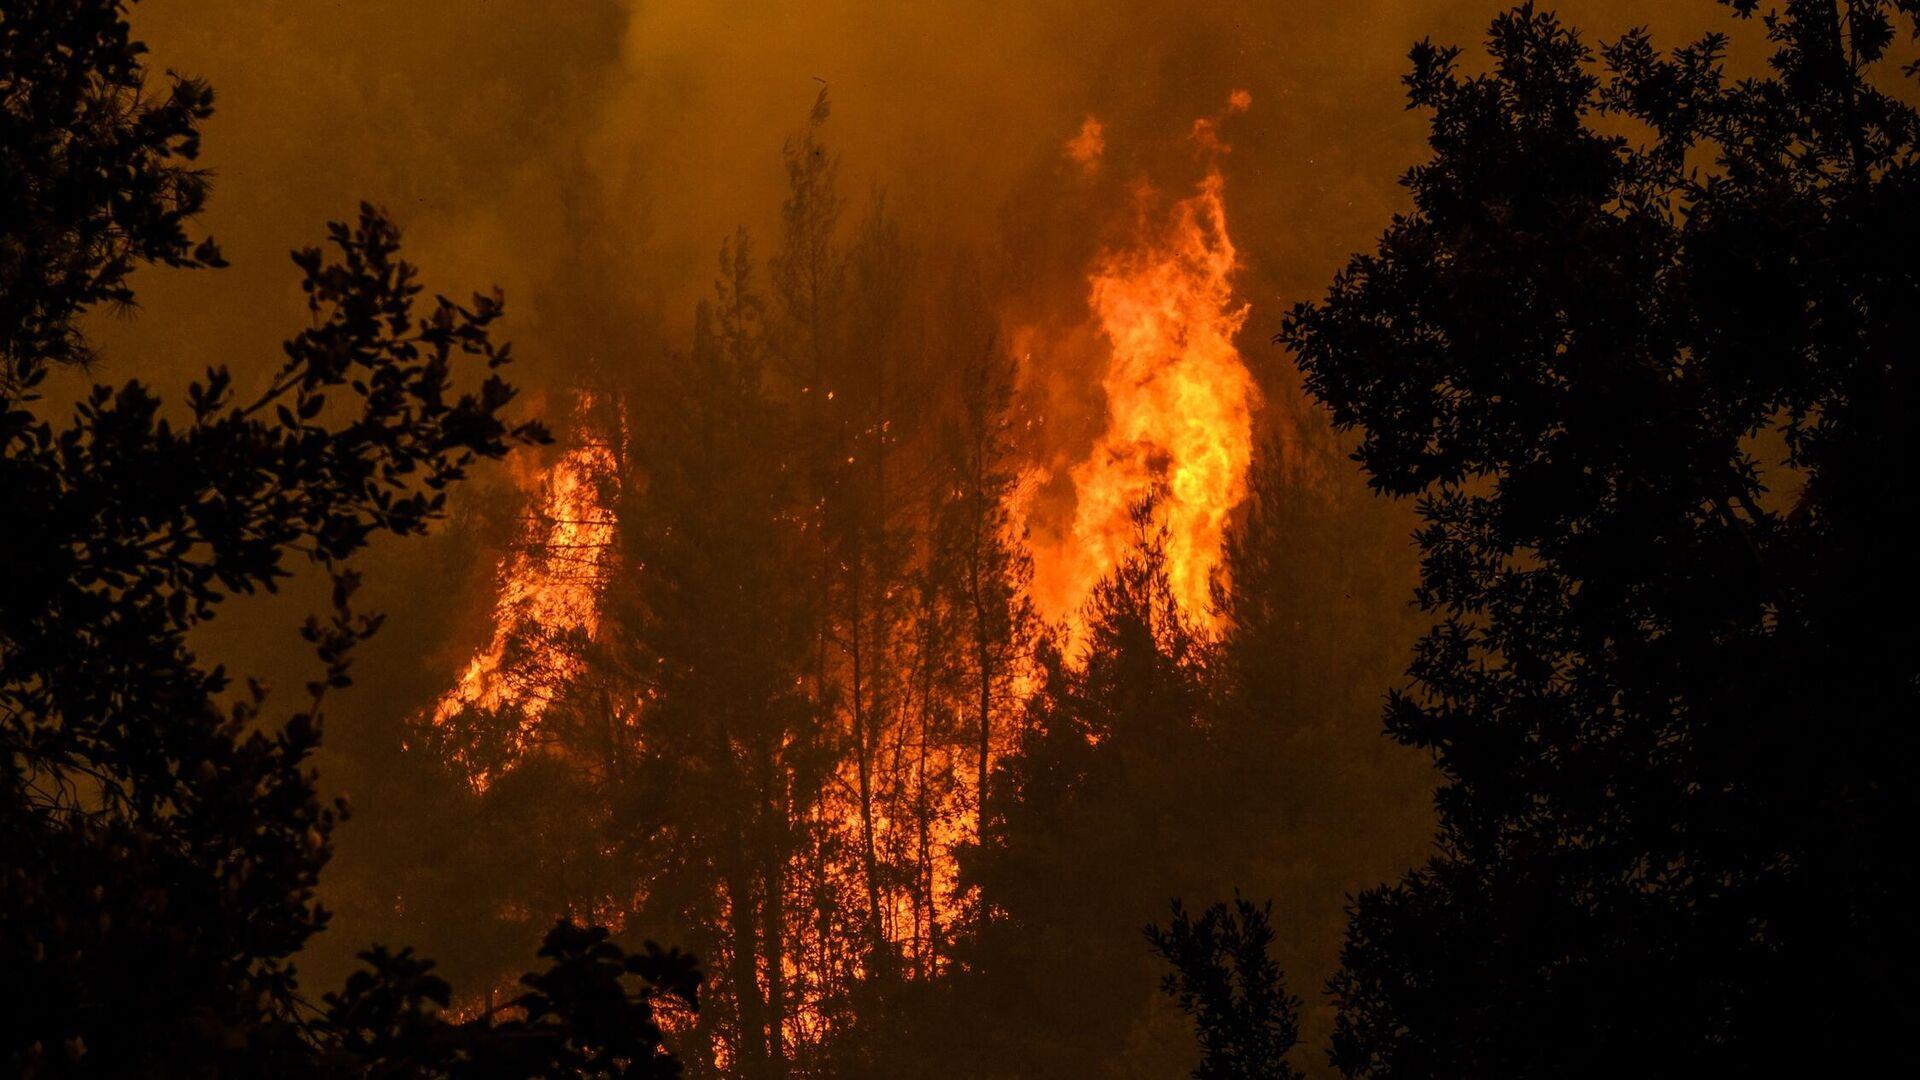 Μάχη να ελεγχθεί η πυρκαγιά έξω από το χωριό Γαλατσώνα - Sputnik Ελλάδα, 1920, 01.10.2021